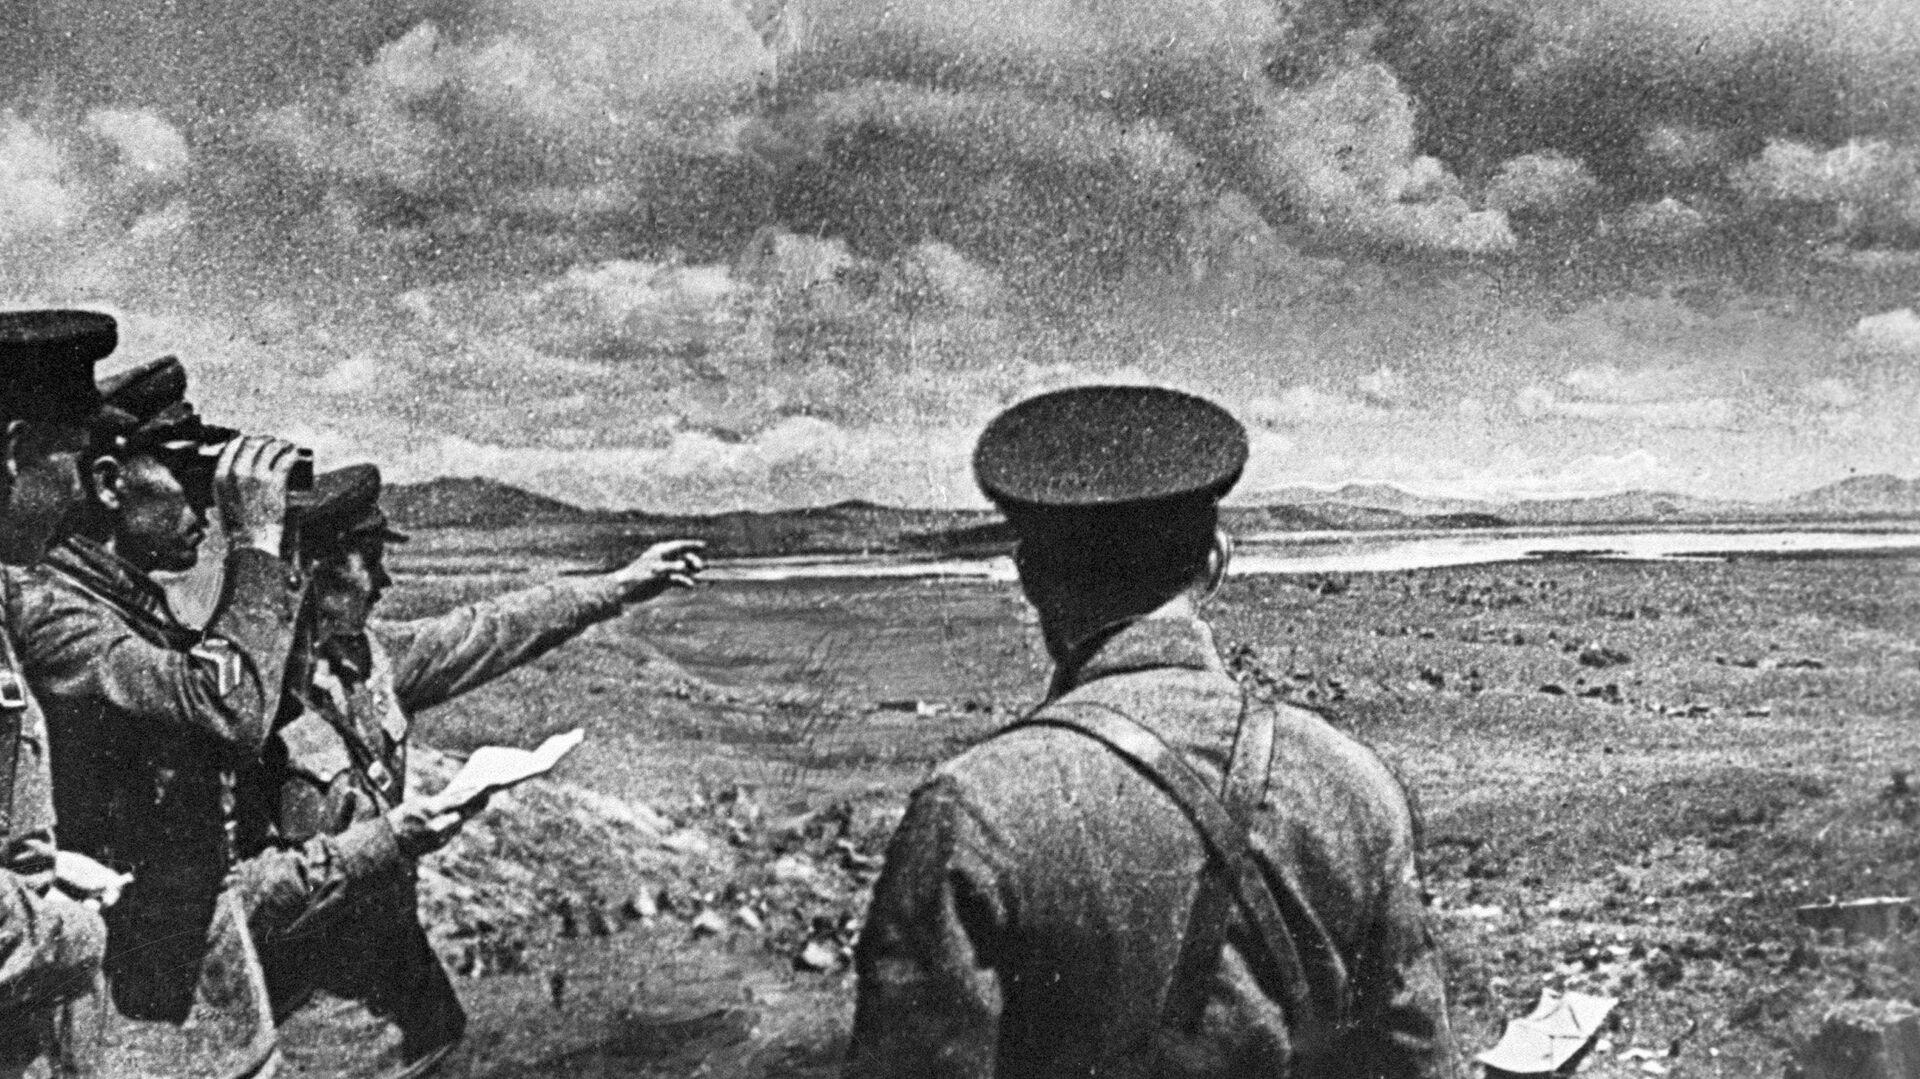 Советские командиры на берегу озера Хасан во время вторжения японских войск. 1938 год - РИА Новости, 1920, 29.07.2021